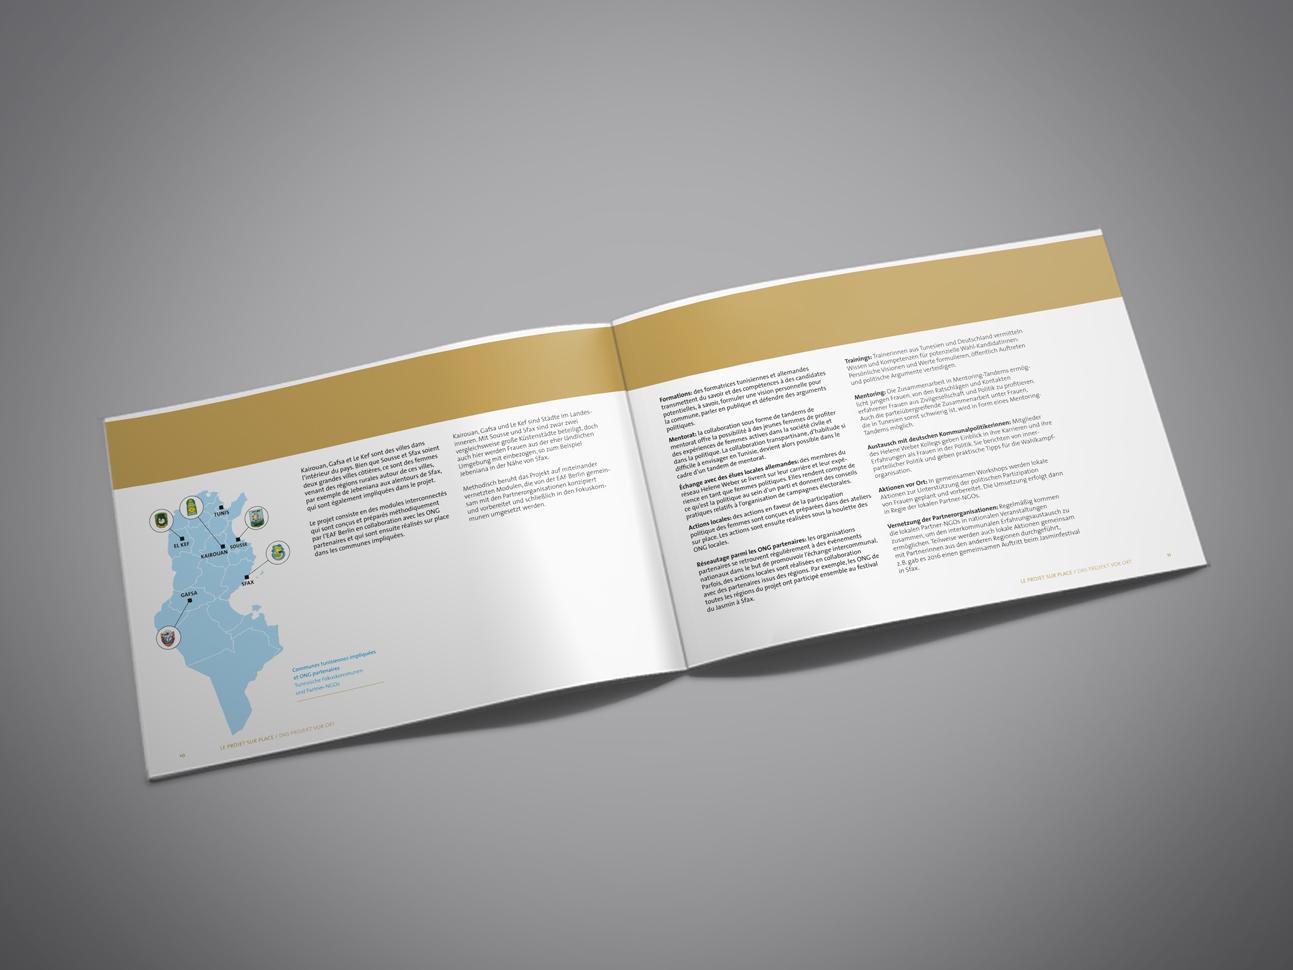 martin_zech_design_projekt_design_demokratie-braucht-frauen_broschuere_projektbeschreibung